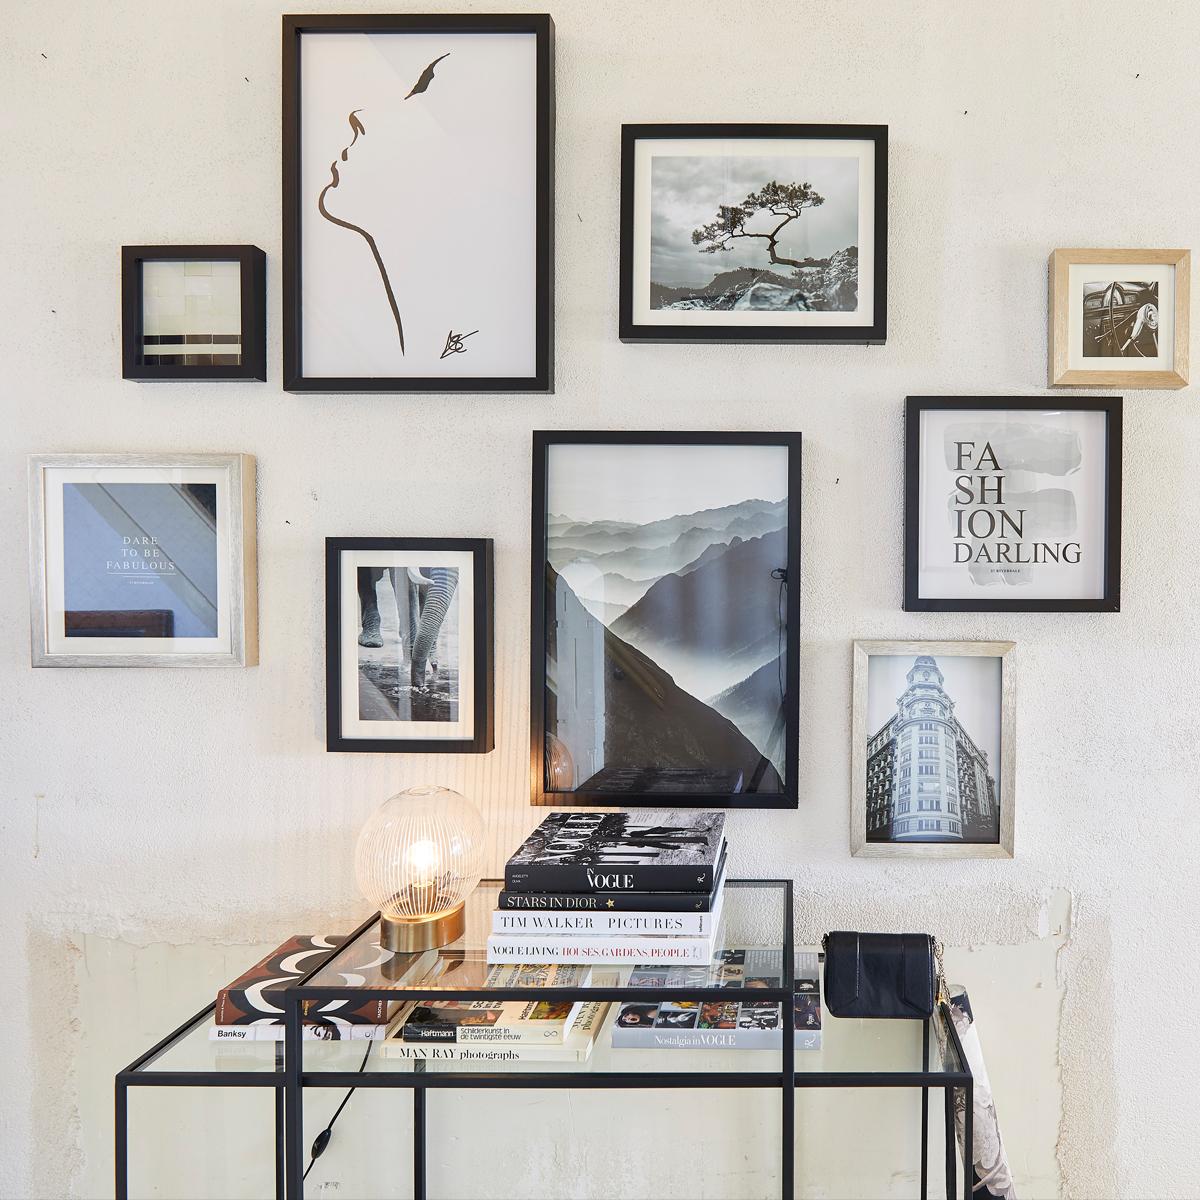 Tiles schilderij | Eigen gemaakte gallery wall